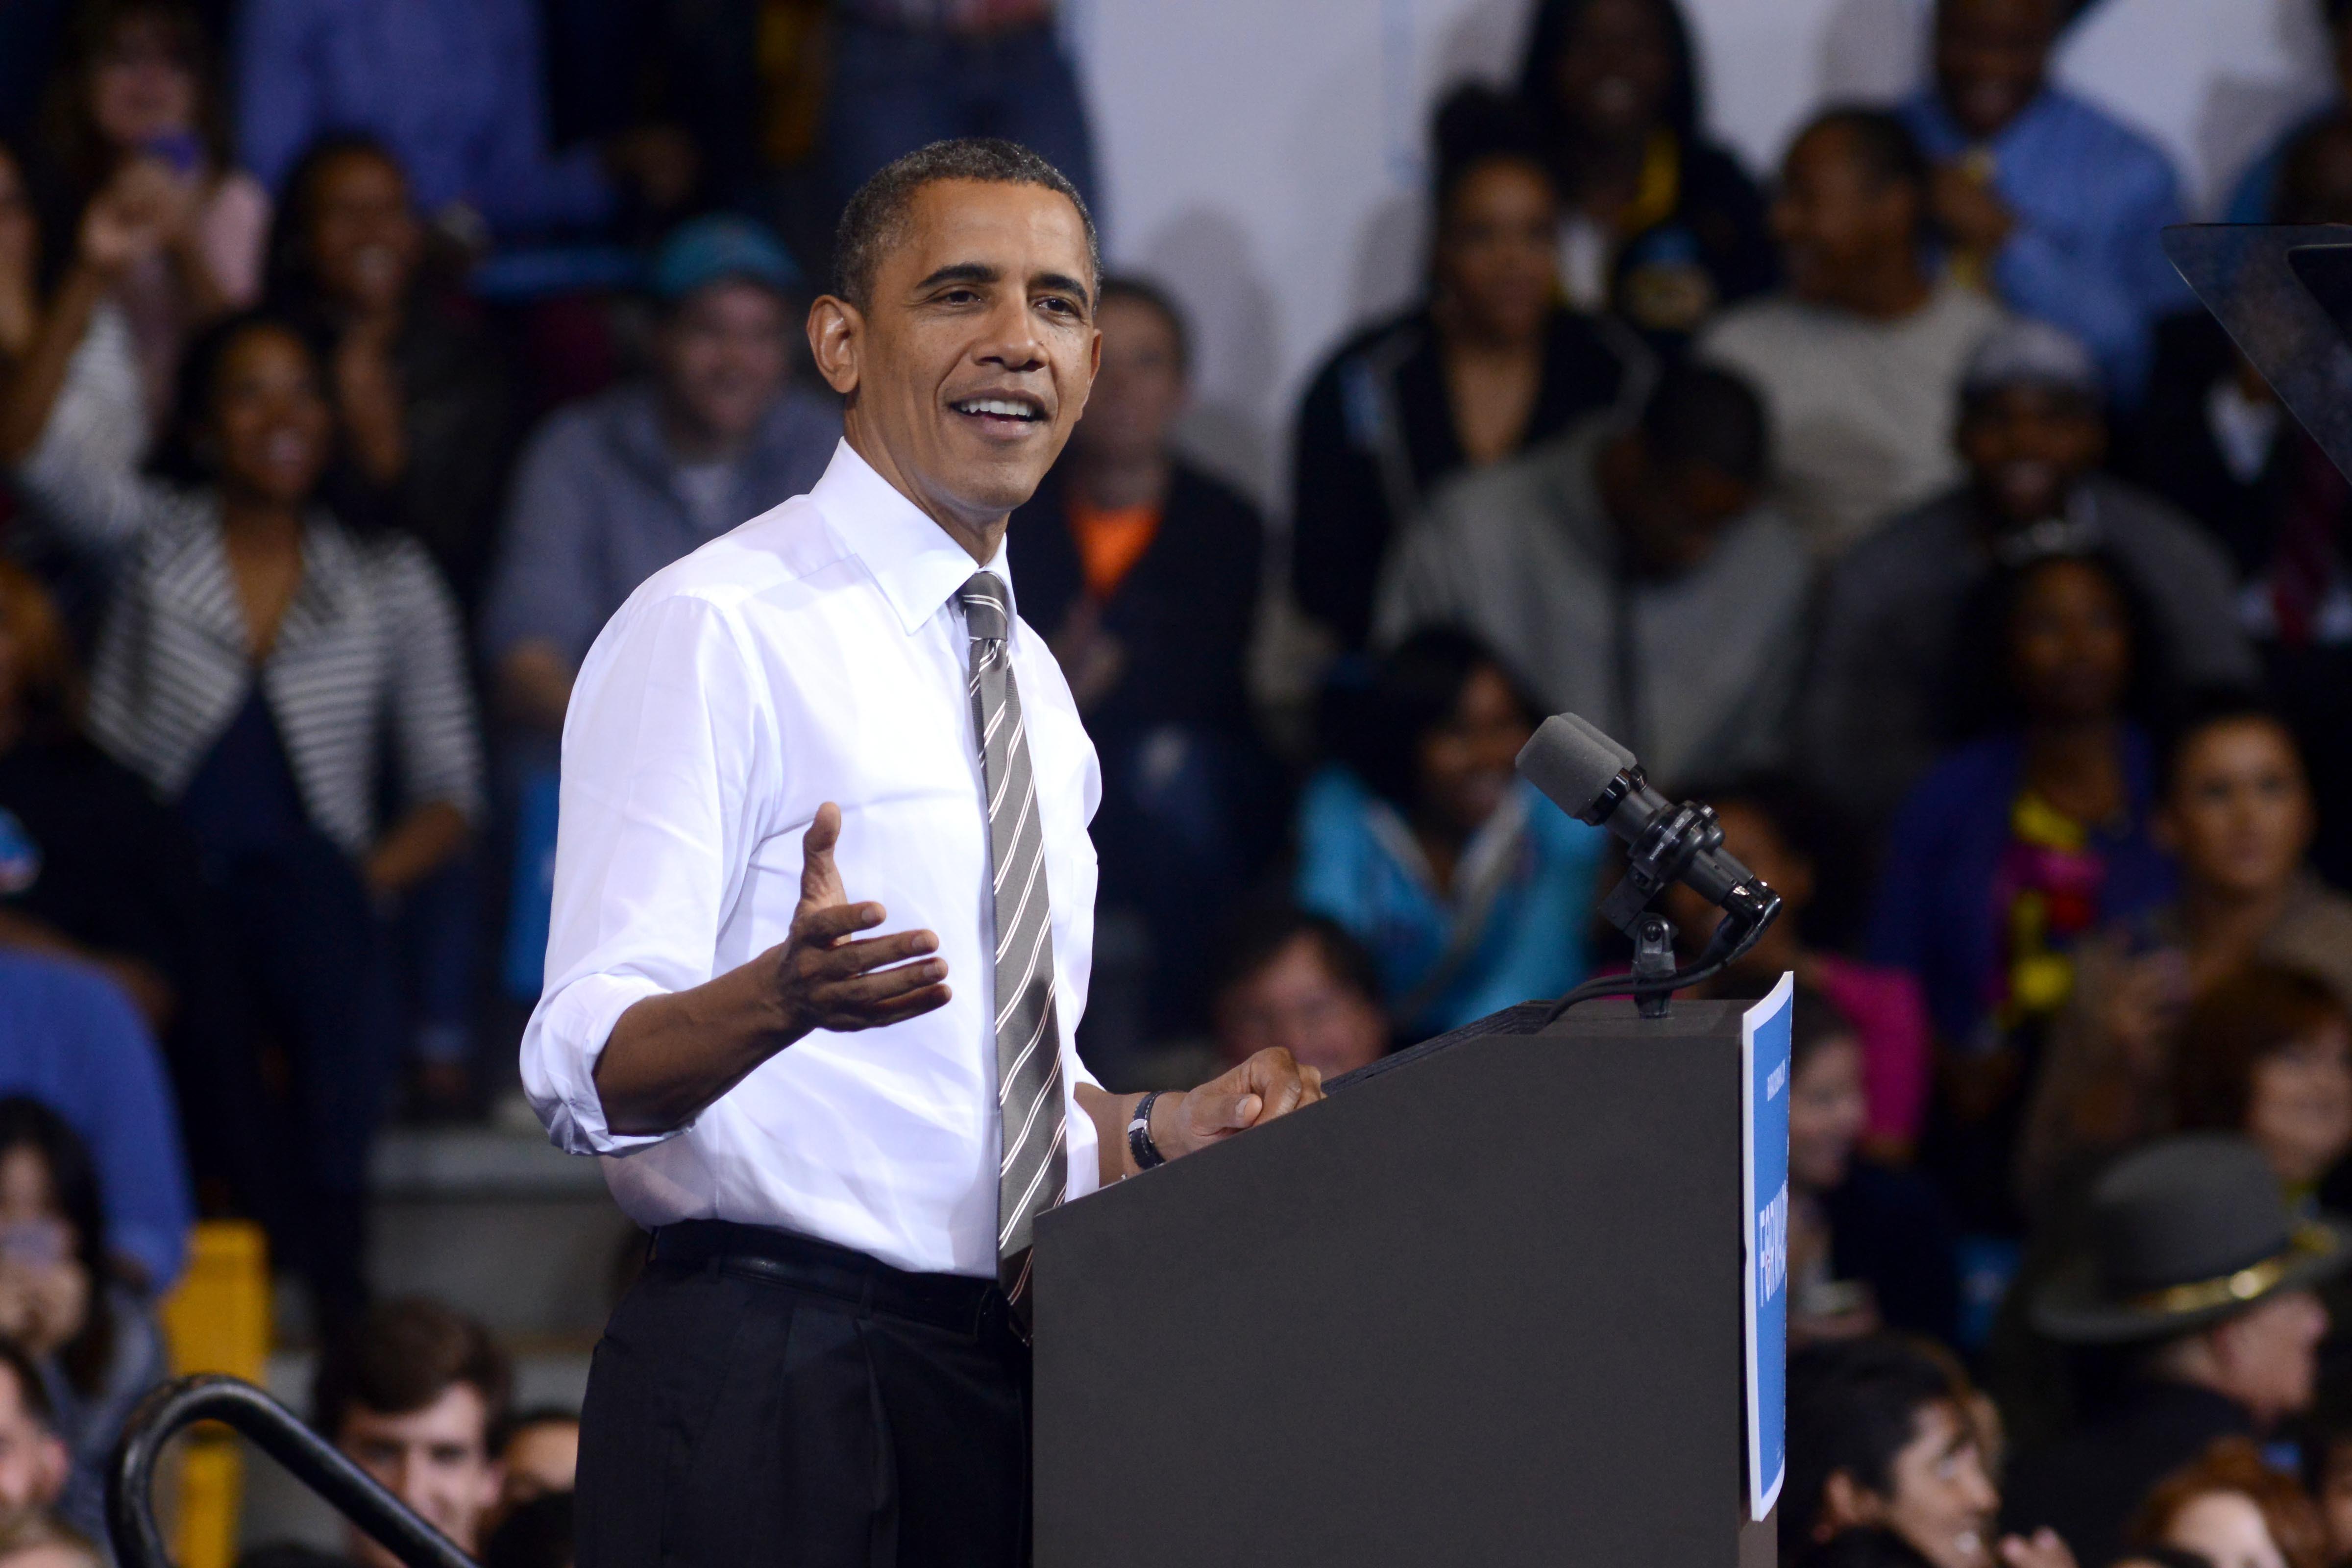 d5412c44d81c27934dec_obama.jpg